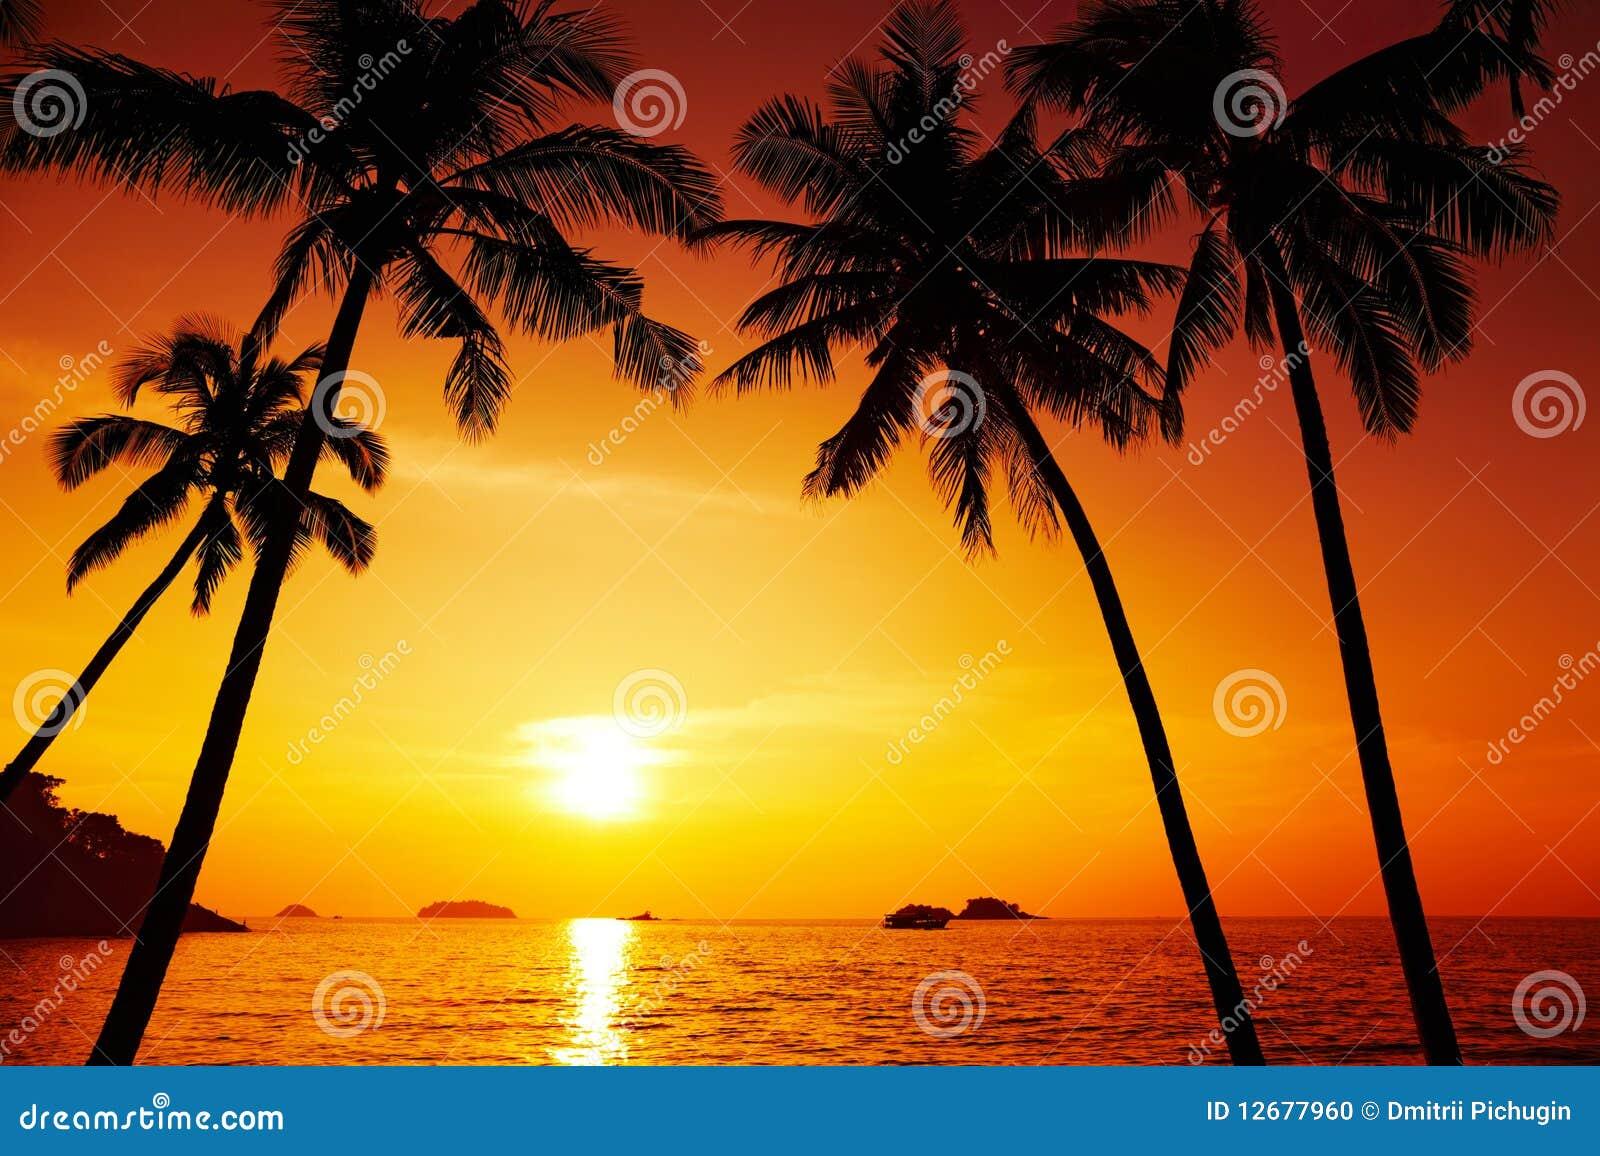 Het silhouet van palmen bij zonsondergang